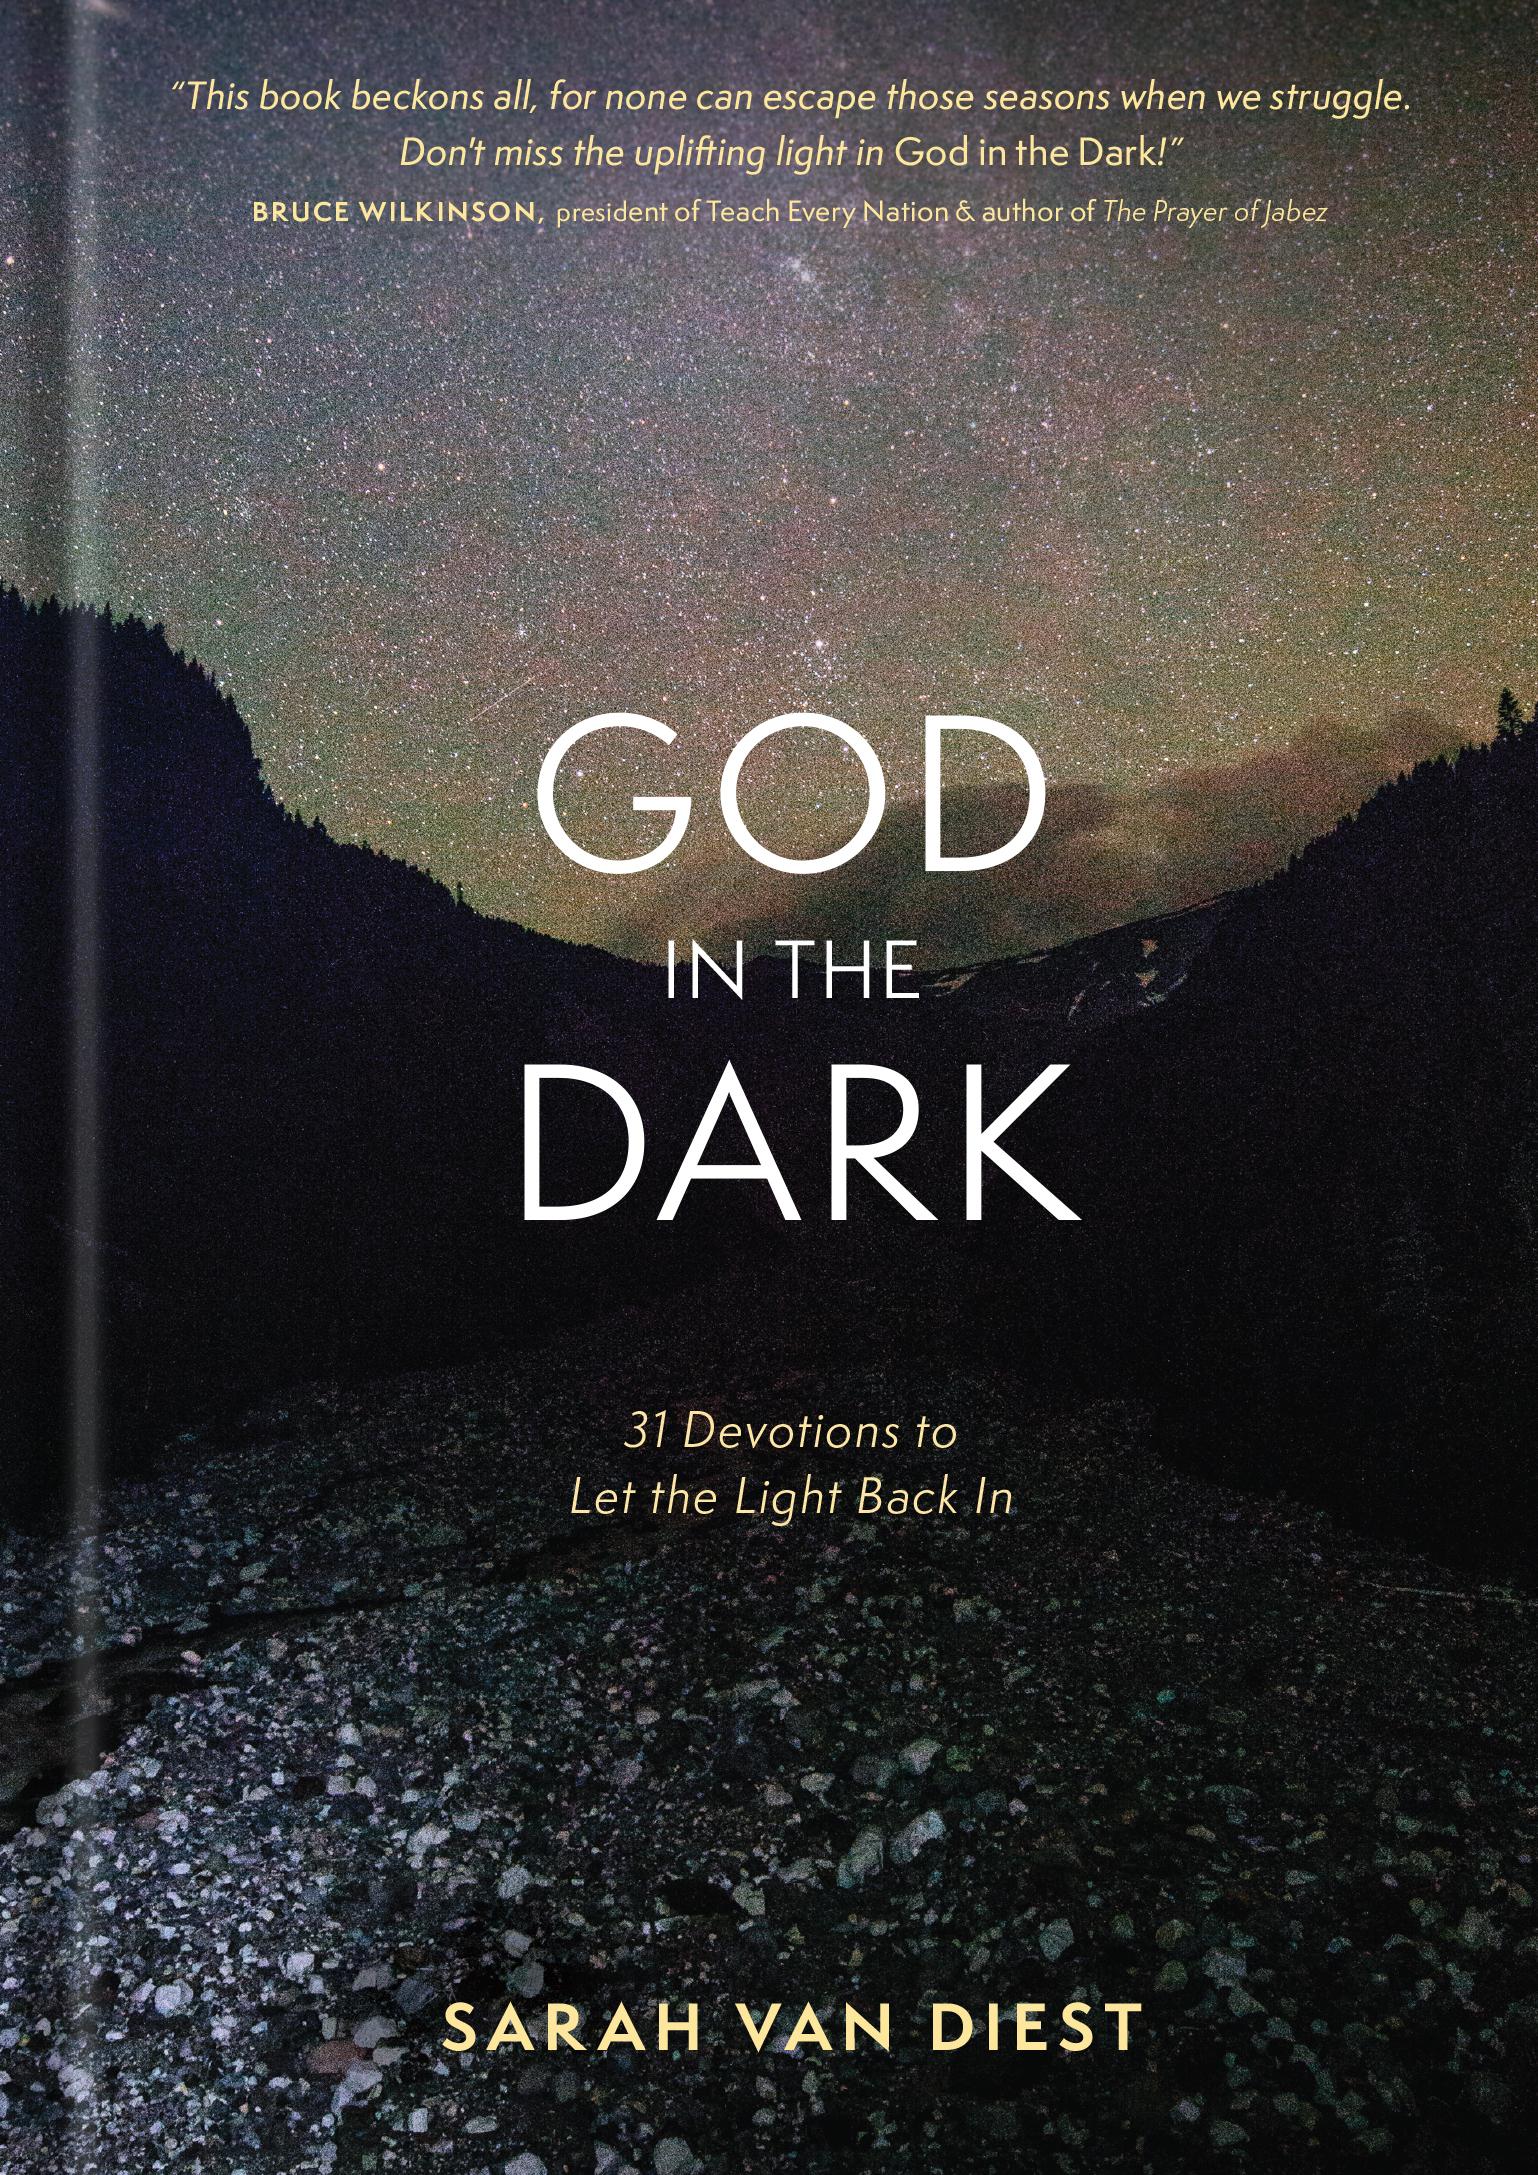 Cover of God in the Dark, by Sarah Van Diest